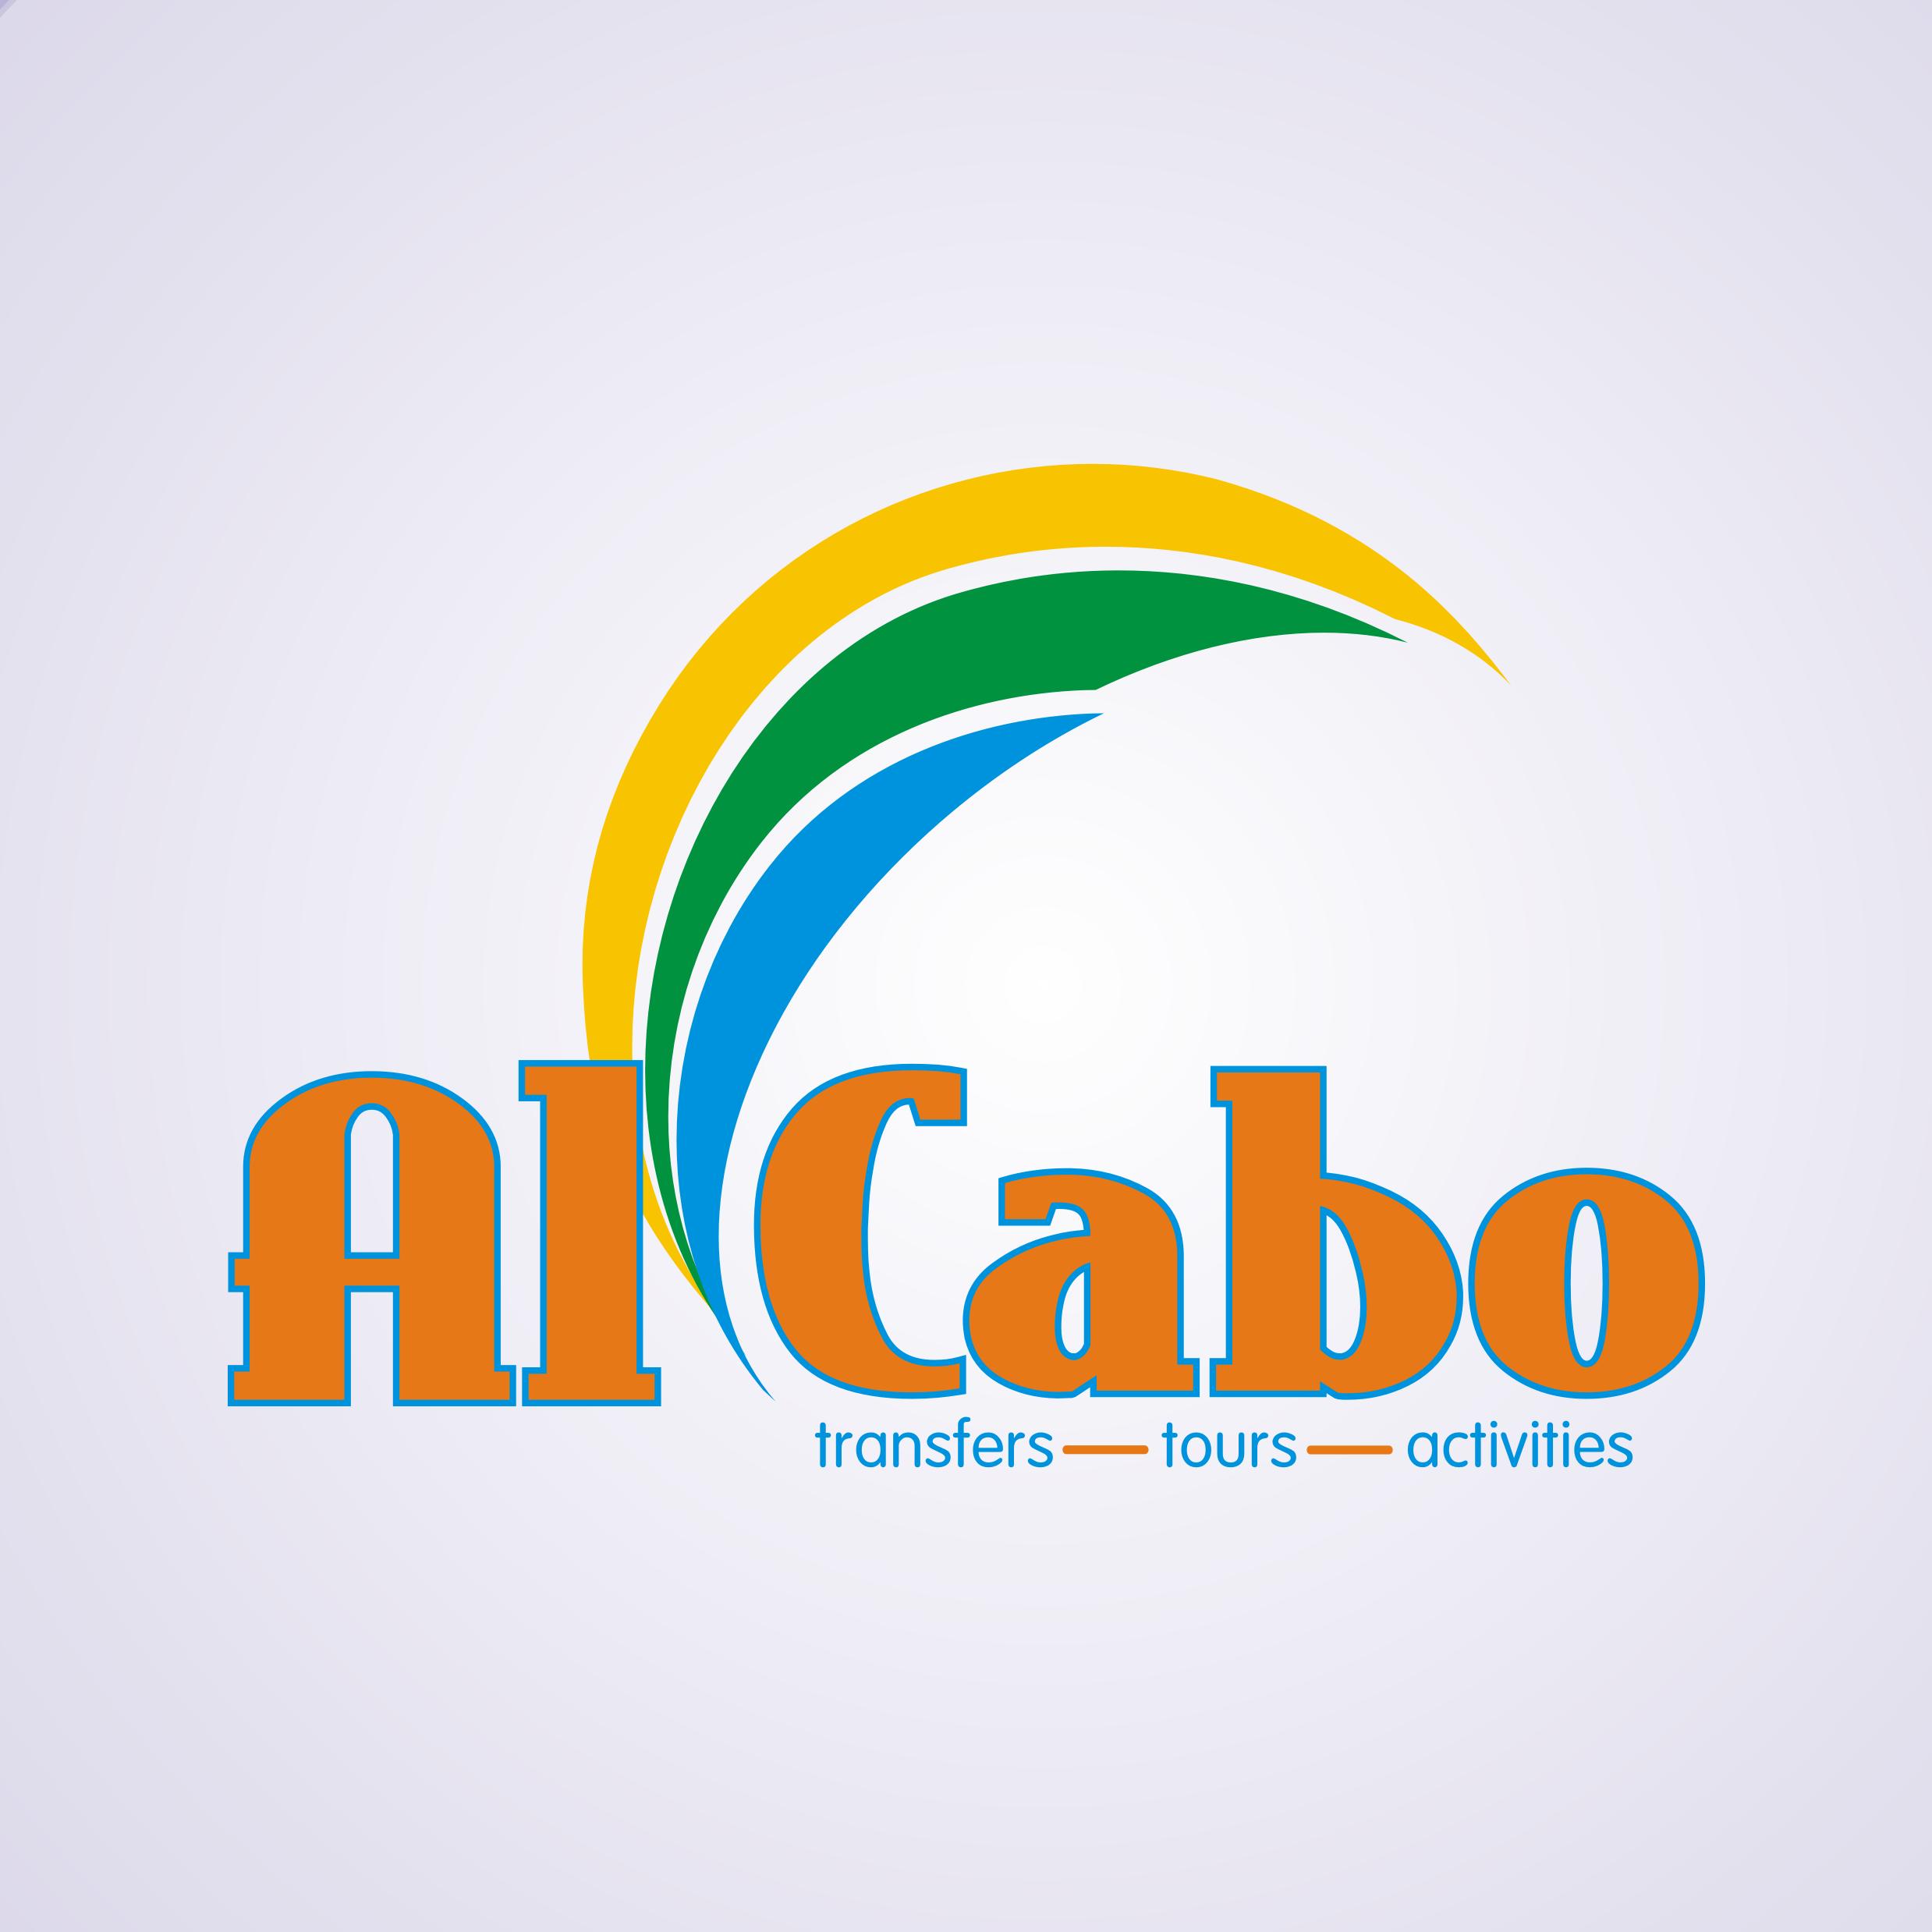 Logo Design by Private User - Entry No. 106 in the Logo Design Contest Inspiring Logo Design for A1Cabo.com.